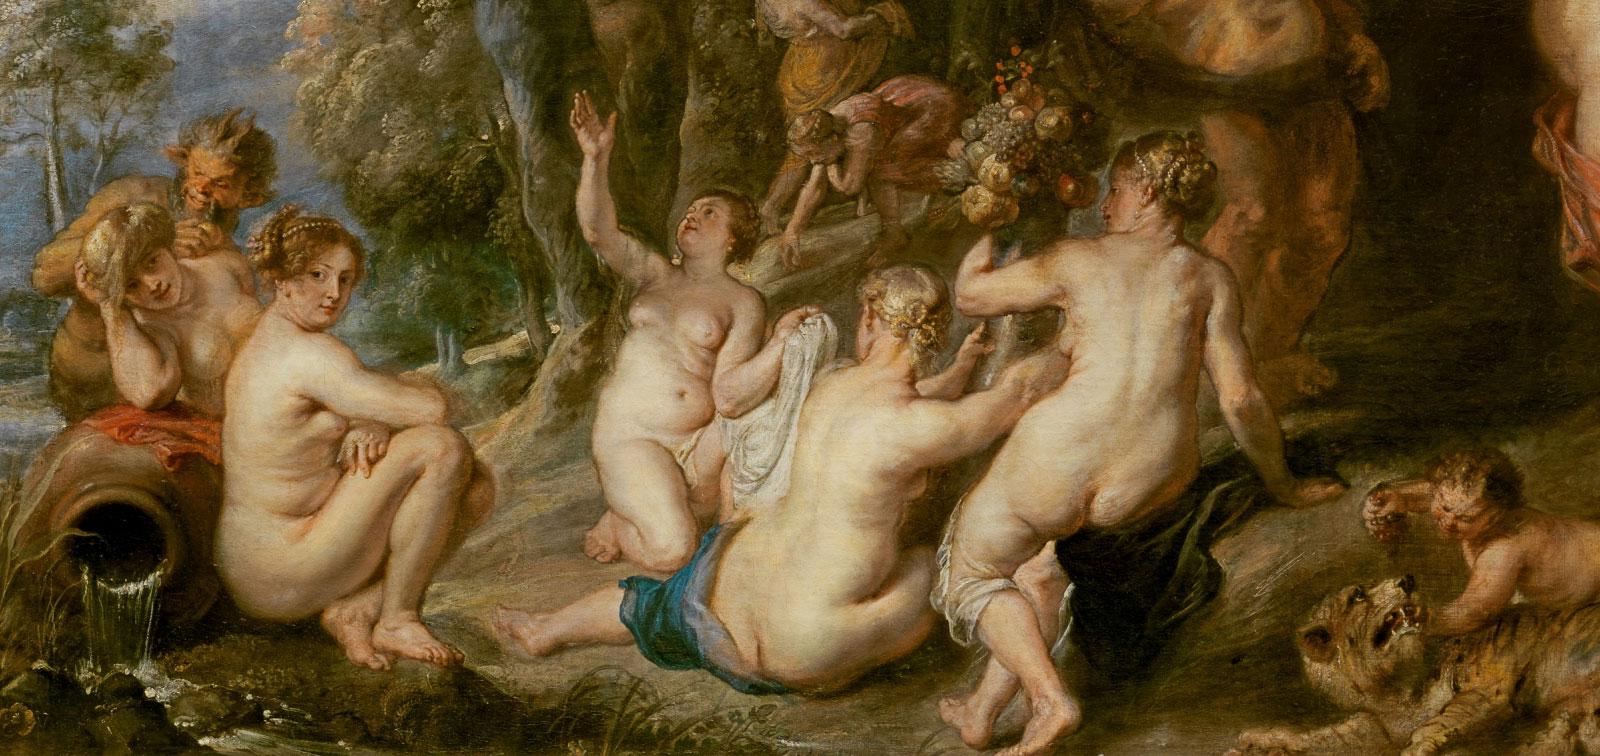 La mitología como lenguaje